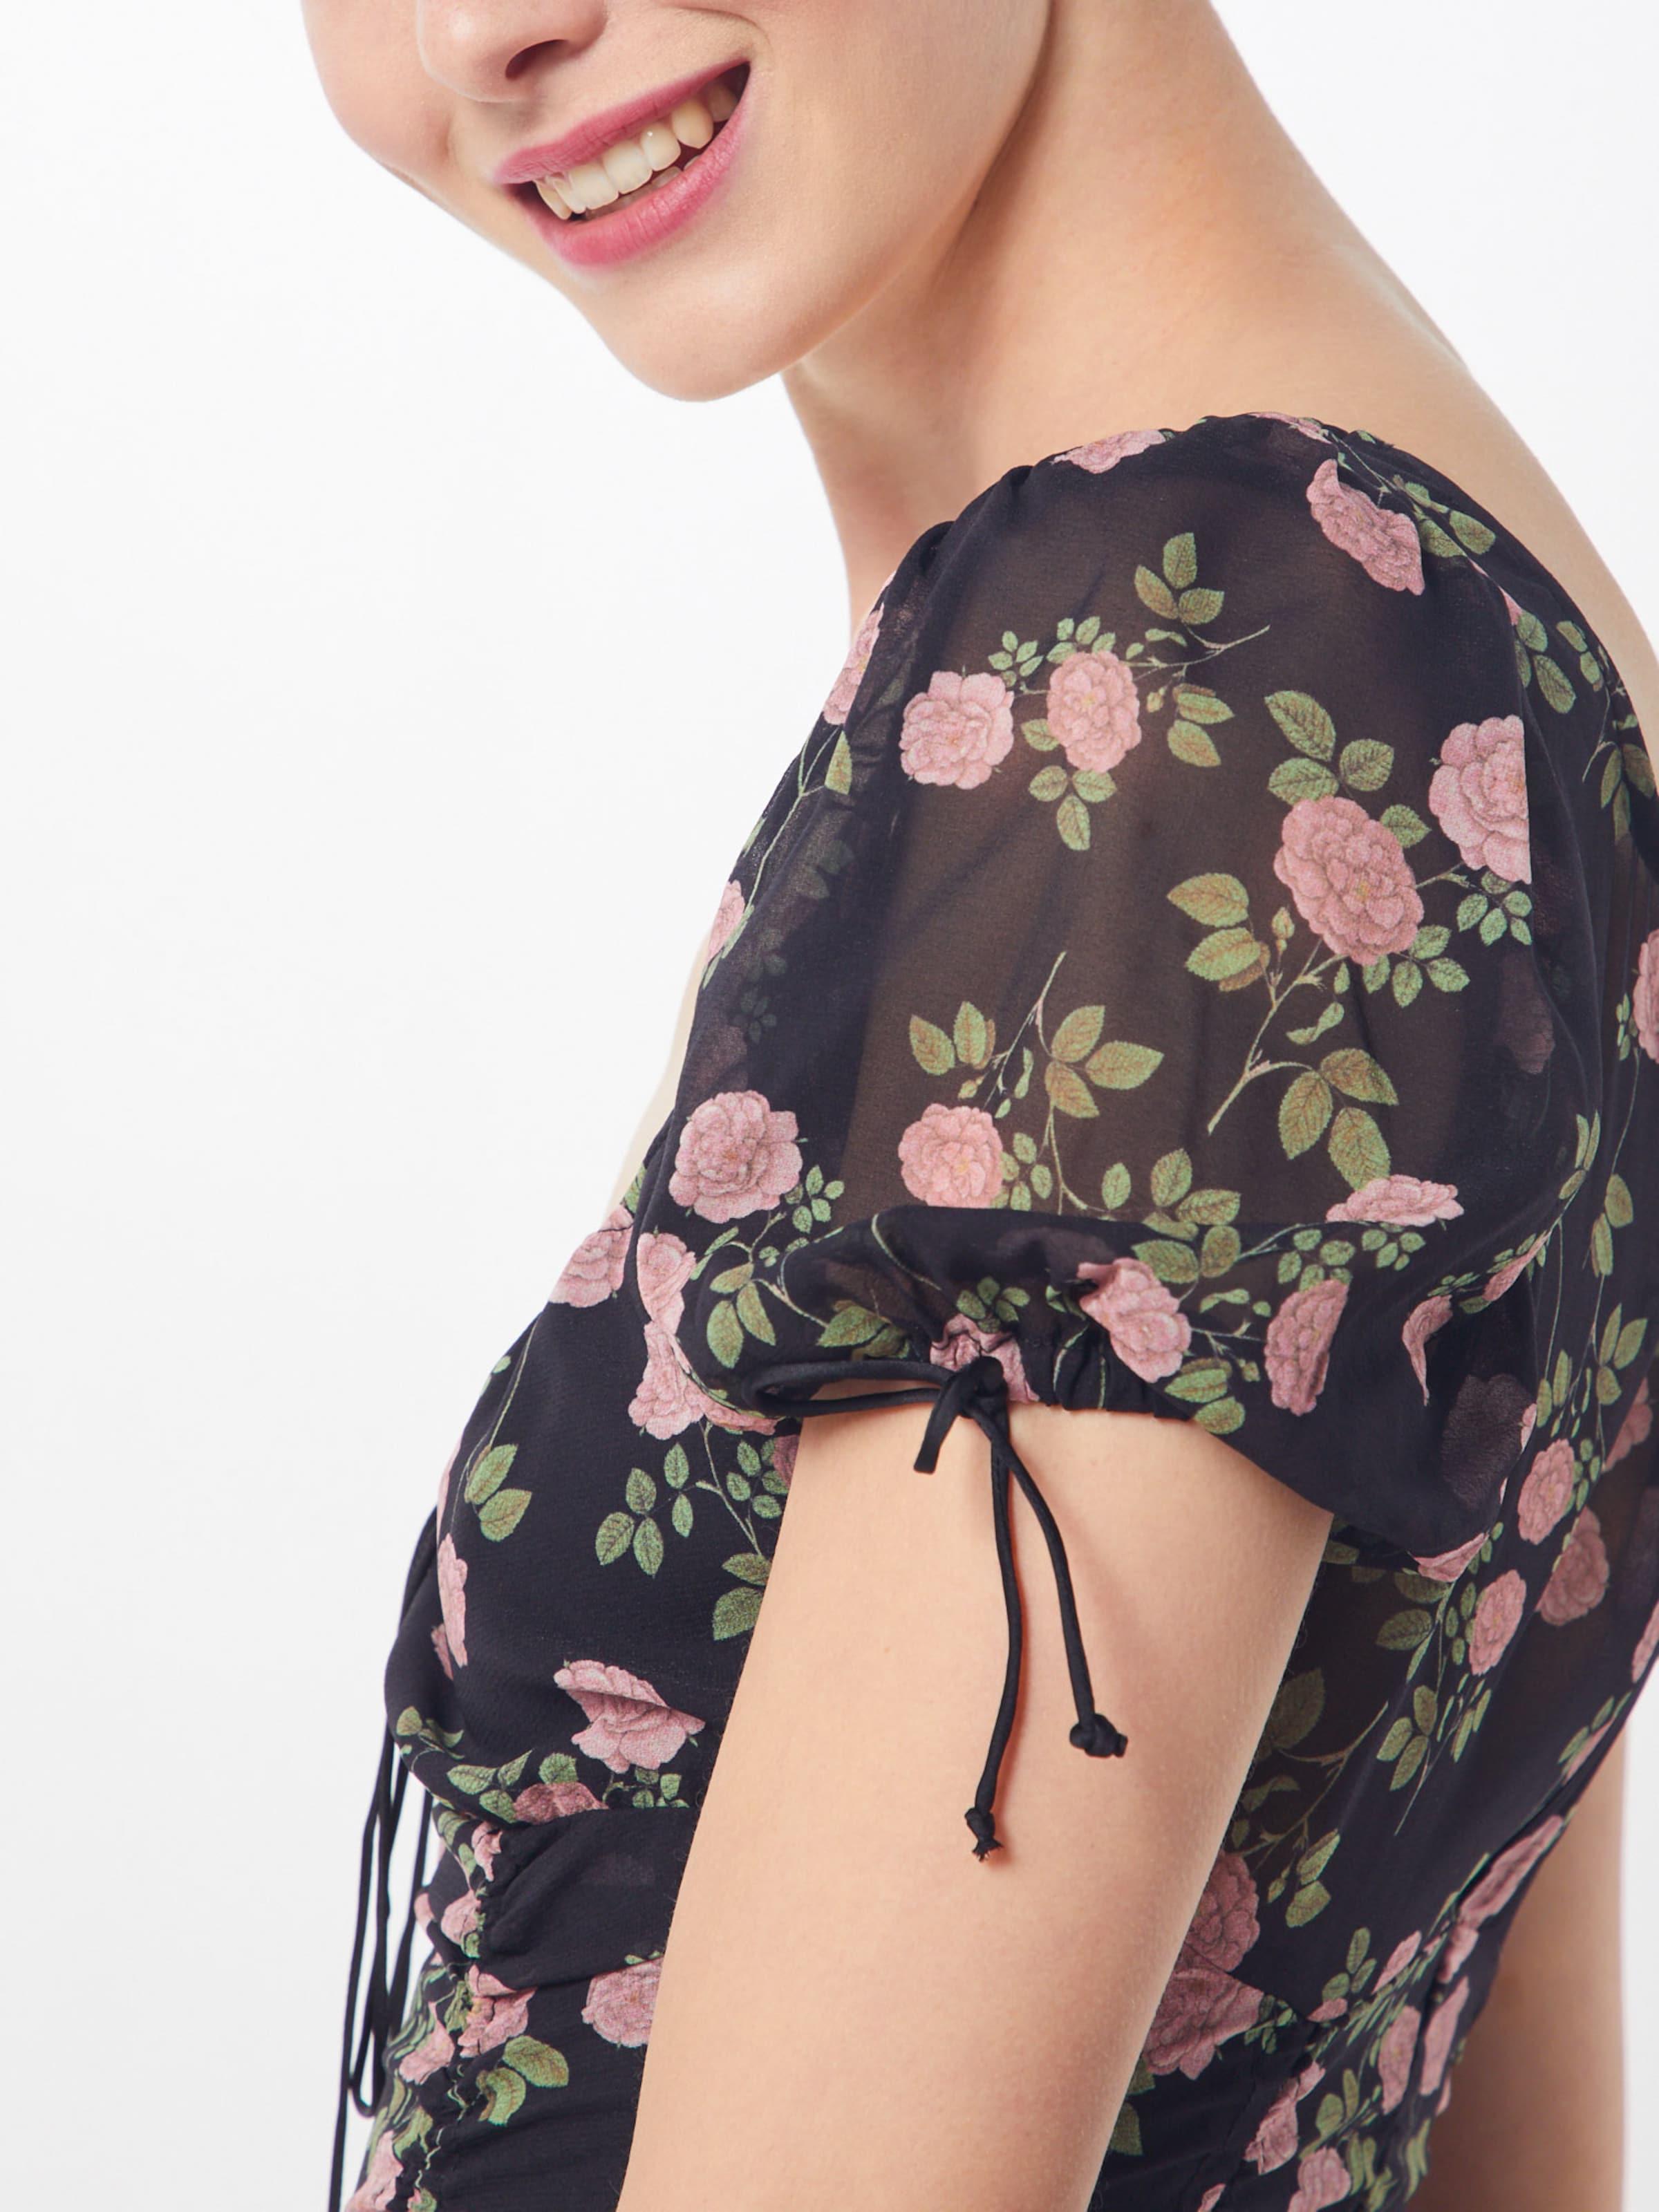 Lemons Floral' CouleursNoir Robe De Loveamp; 'strudel En For D'été Mélange T5uJc3lFK1